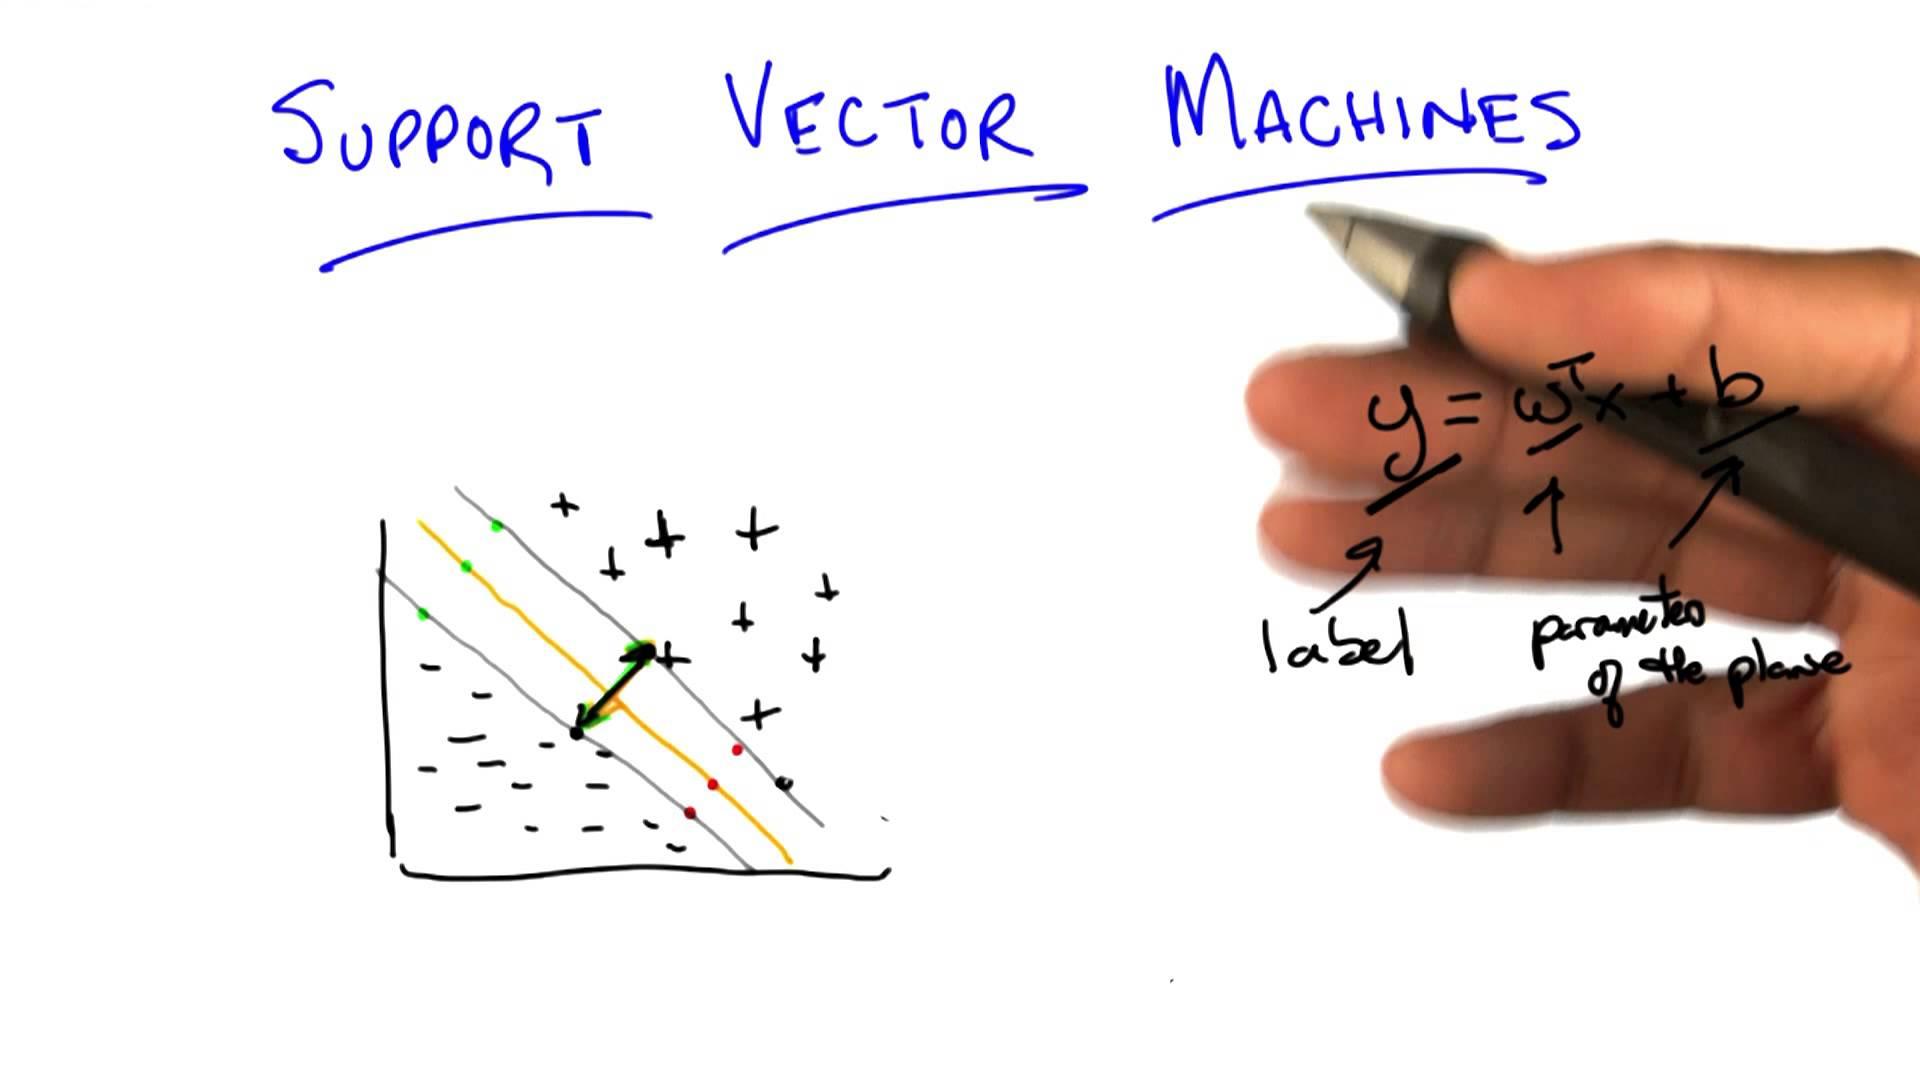 1920x1080 Support Vector Machine